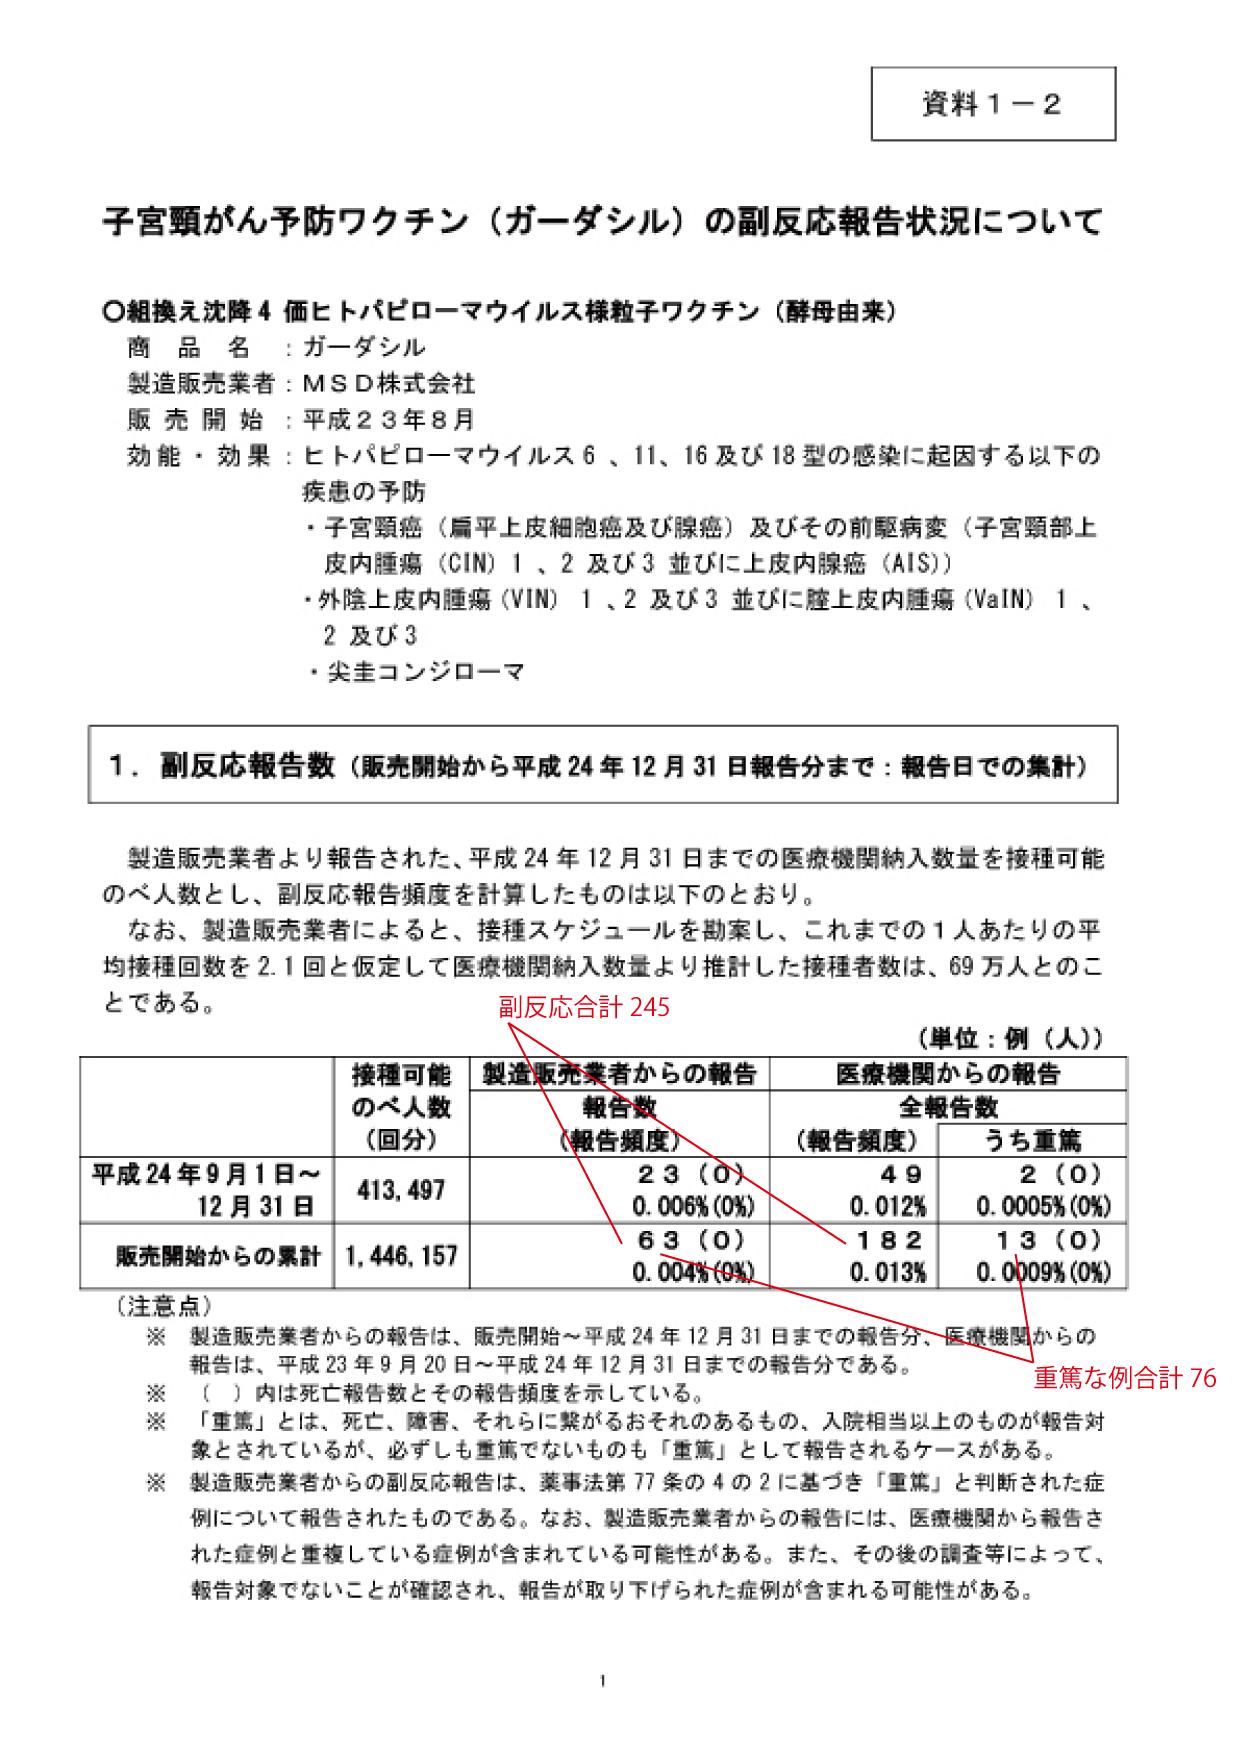 計算方法(ガーダシル)